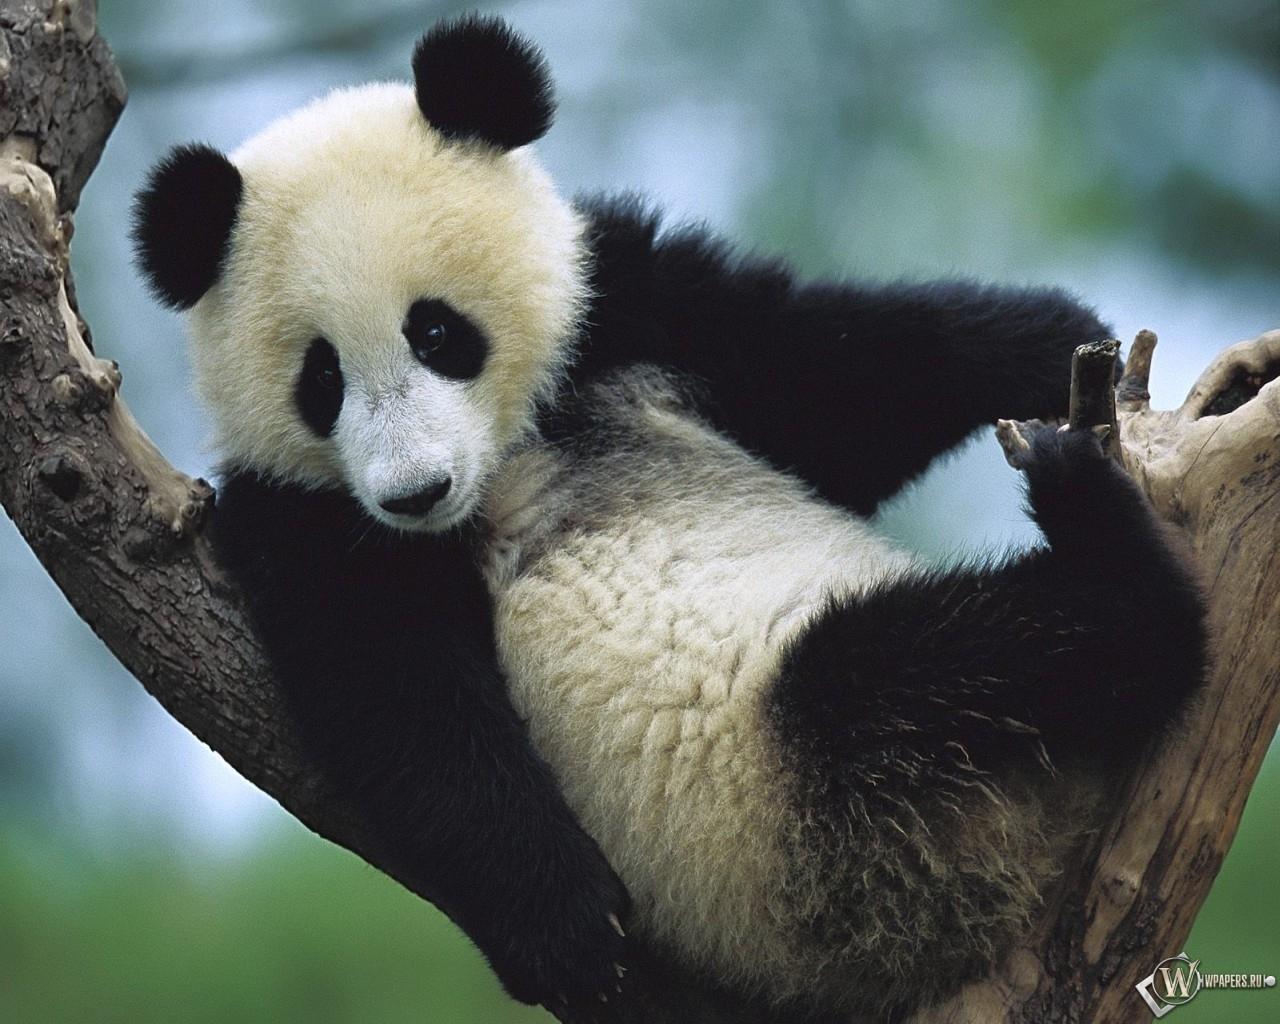 Giant Panda Cub Sichuan China 1280x1024